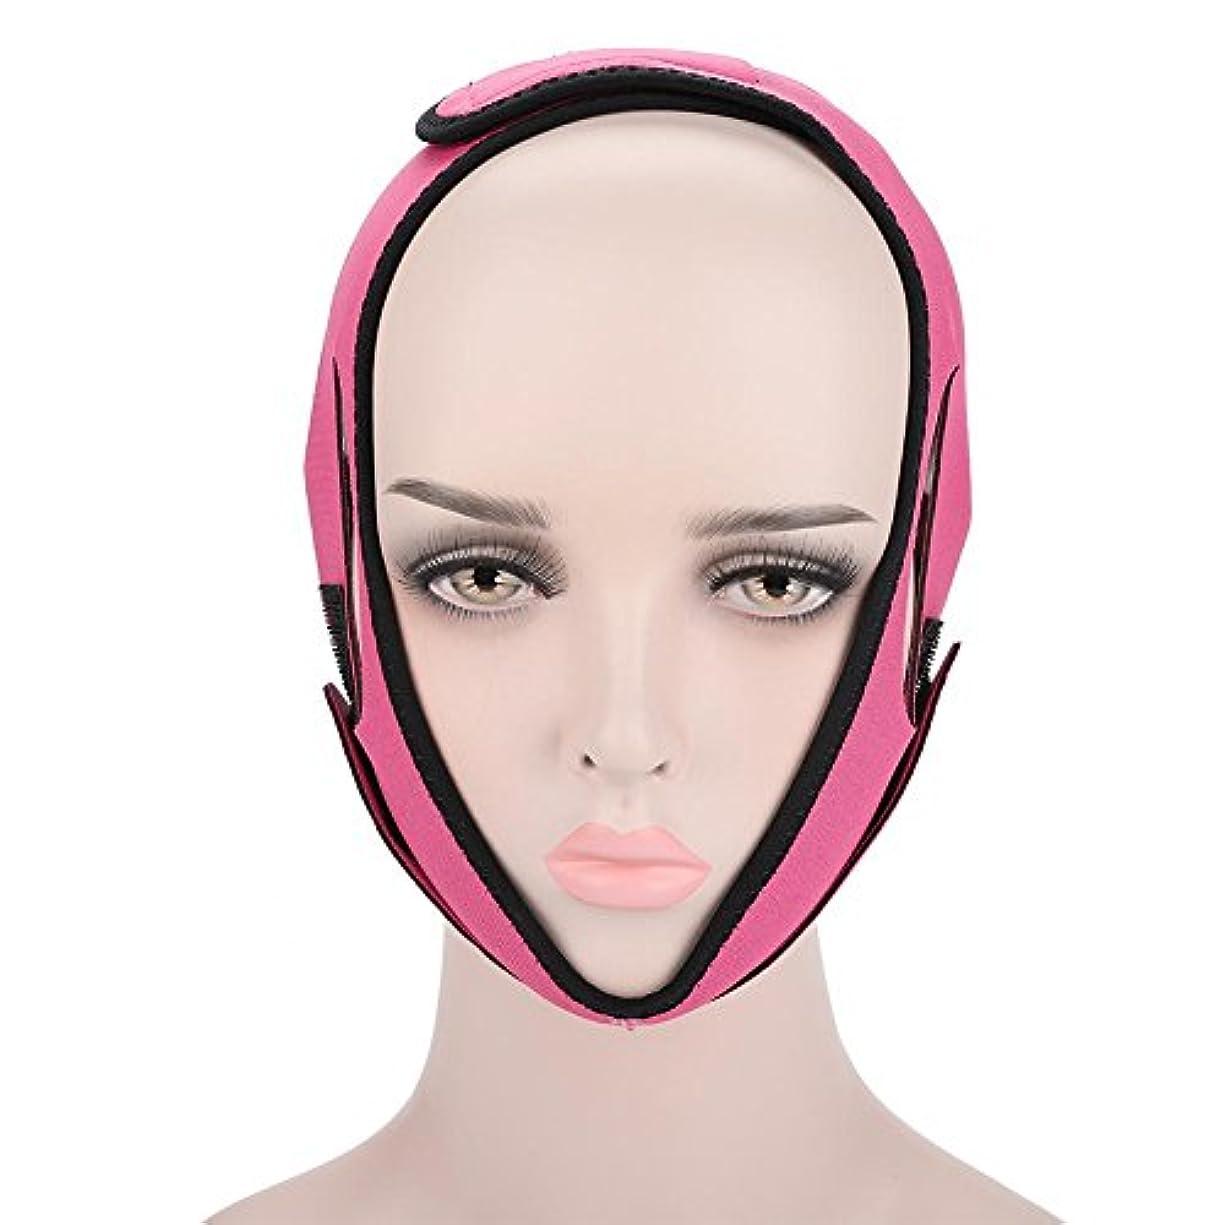 発言する入る電子フェイススリミング包帯 顔の包帯フェイシャルスリミングマスクフェイシャルケアのためのフェイシャルベルト薄い首のフェイスリフトダブルチン女性のための(3#)